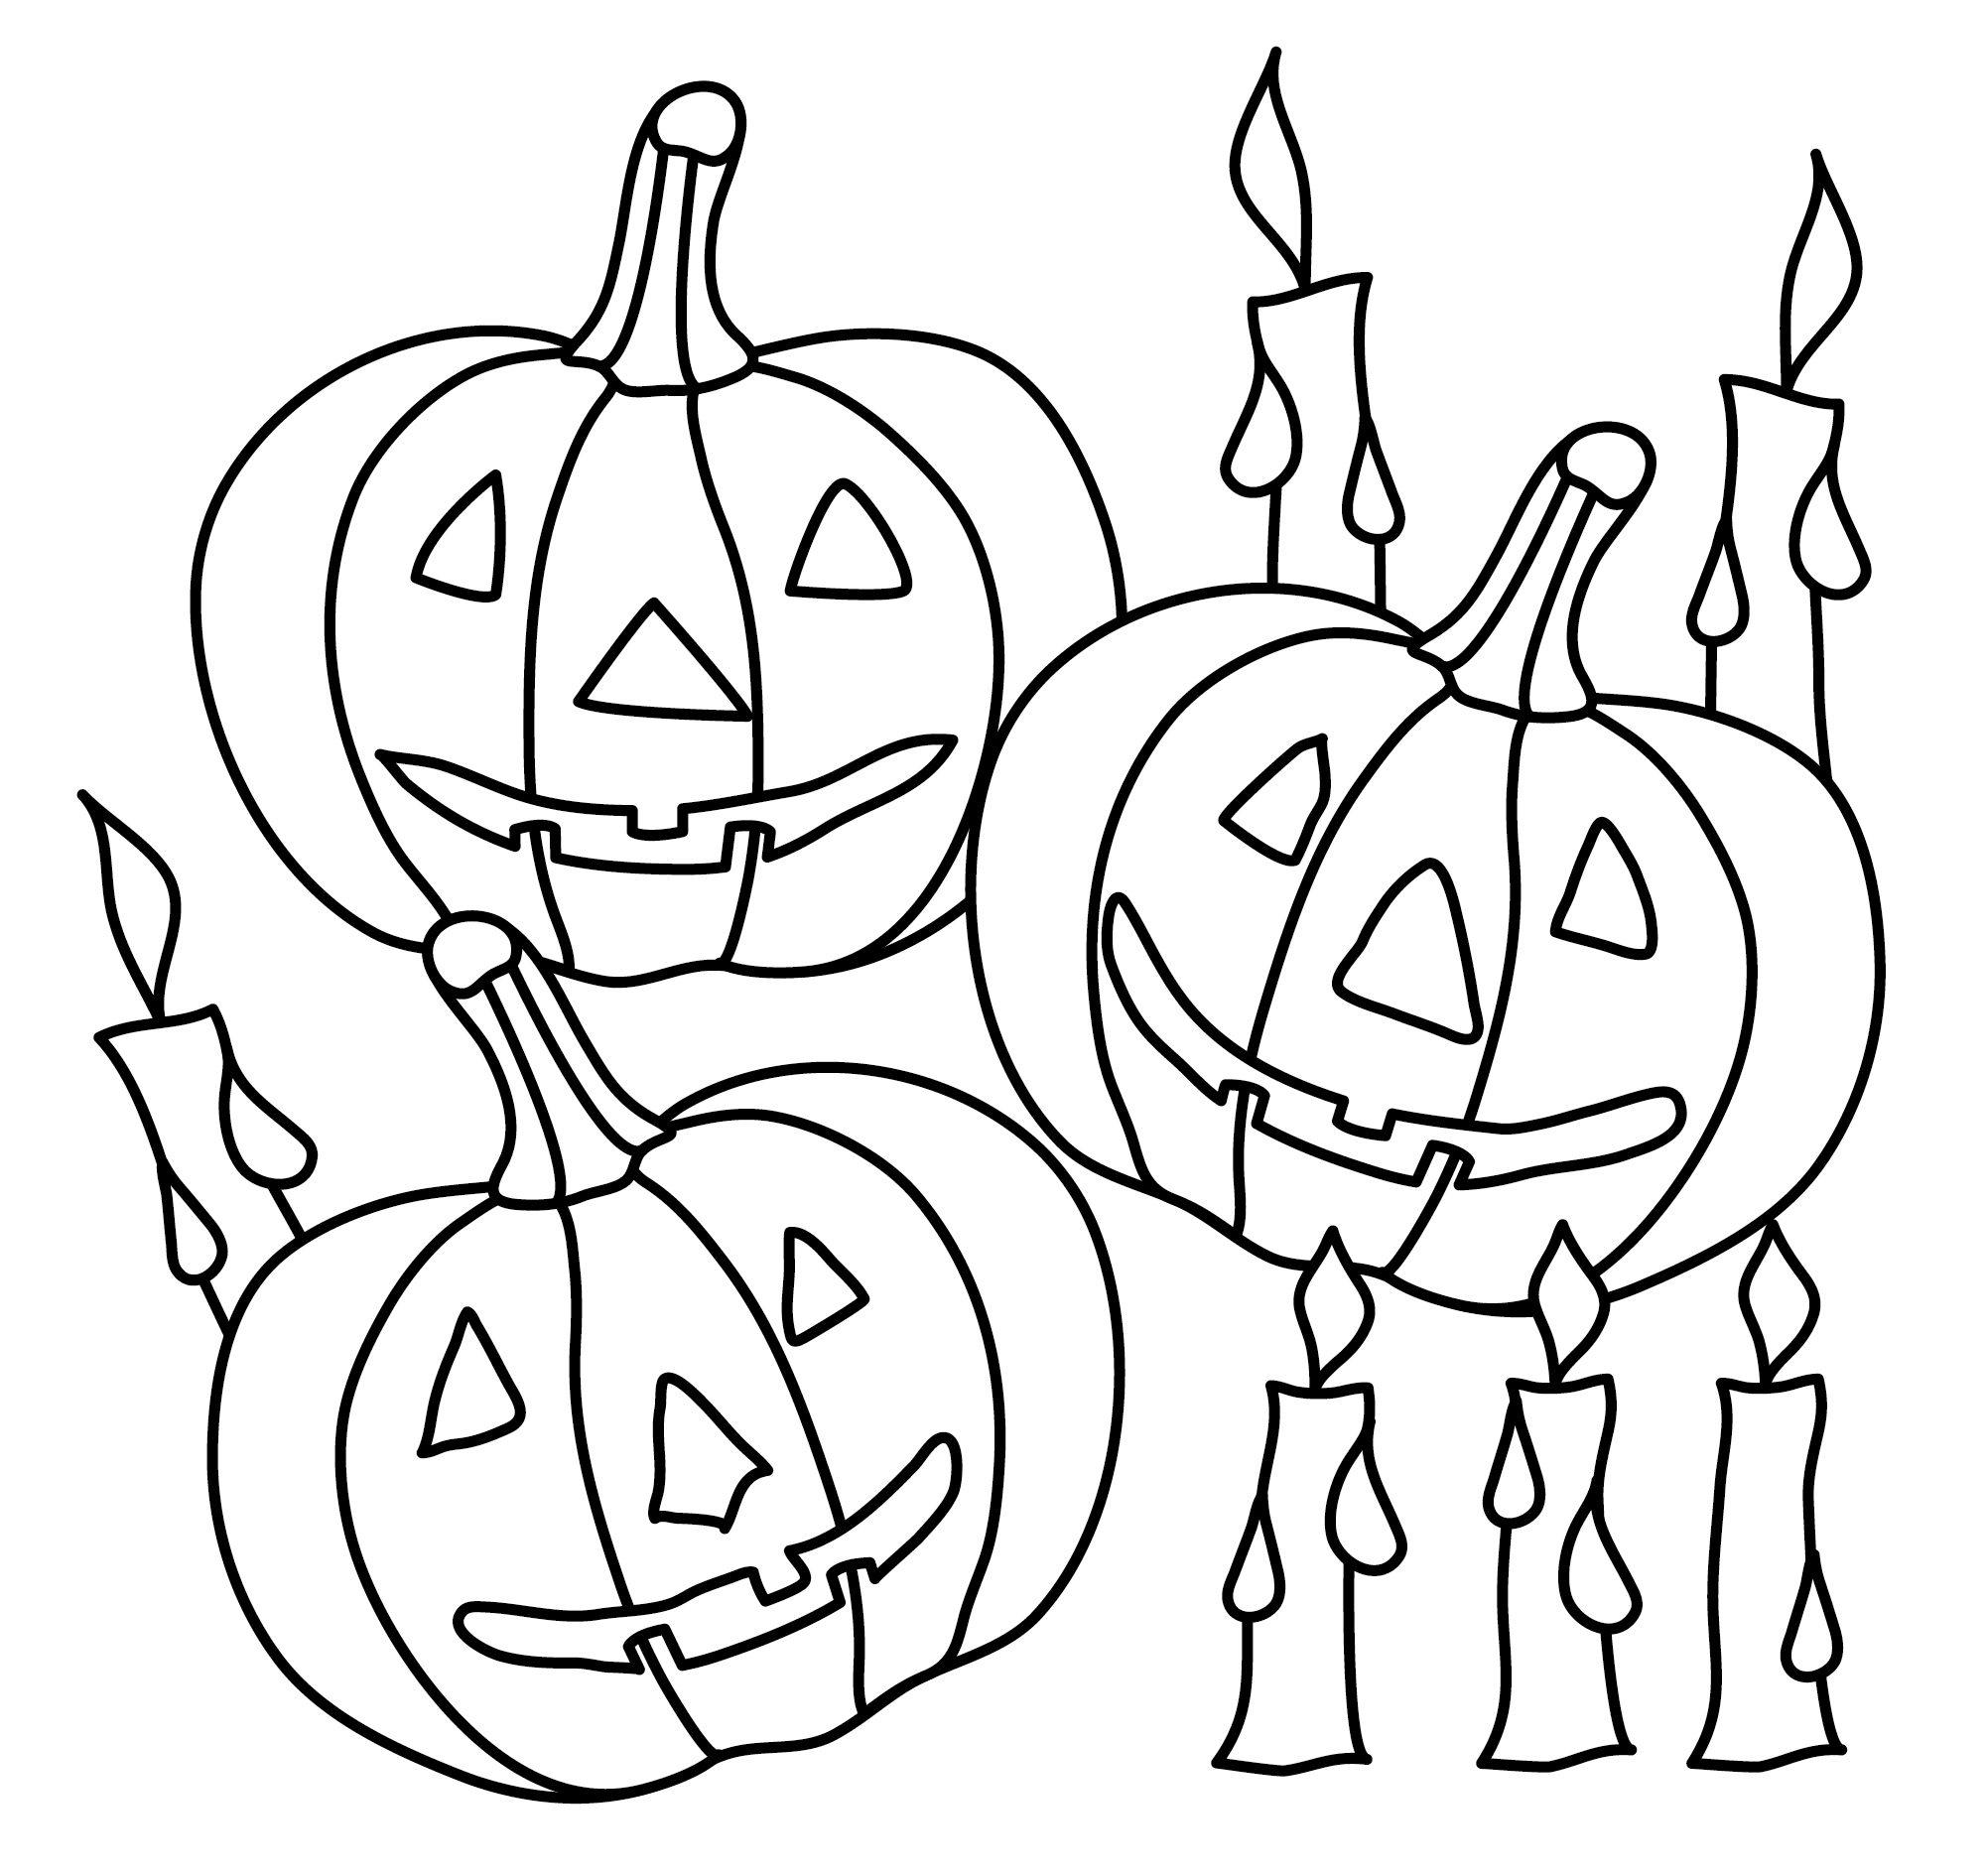 Ausmalbilder Halloween - Halloween Vorlagen Ausdrucken über Gratis Malvorlagen Halloween